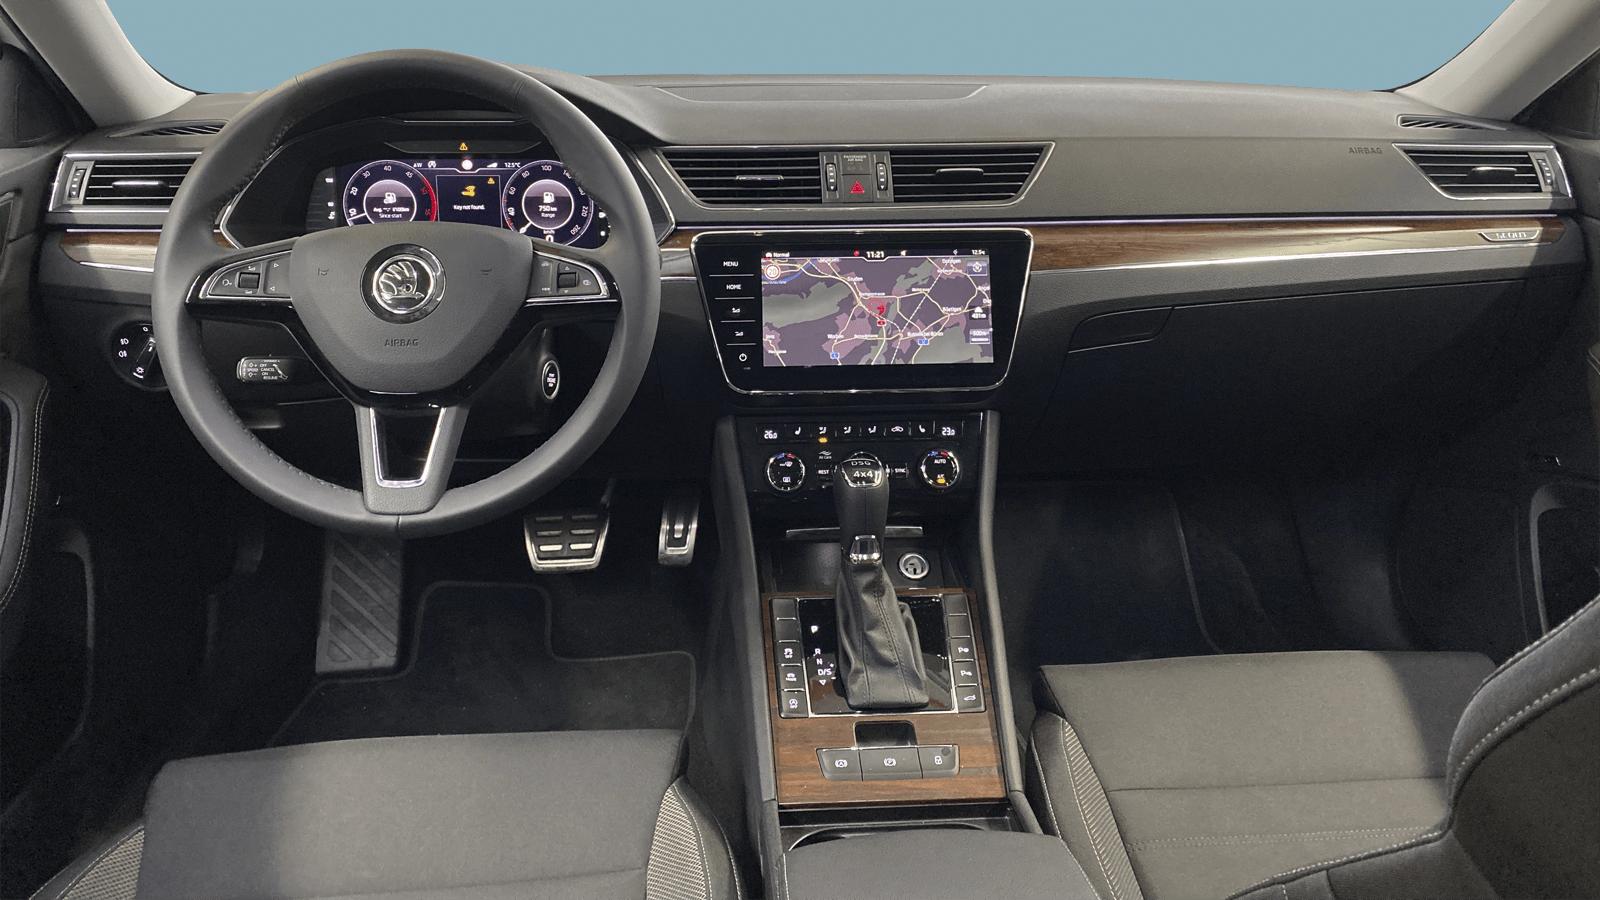 ŠKODA Superb White interior - Clyde car subscription